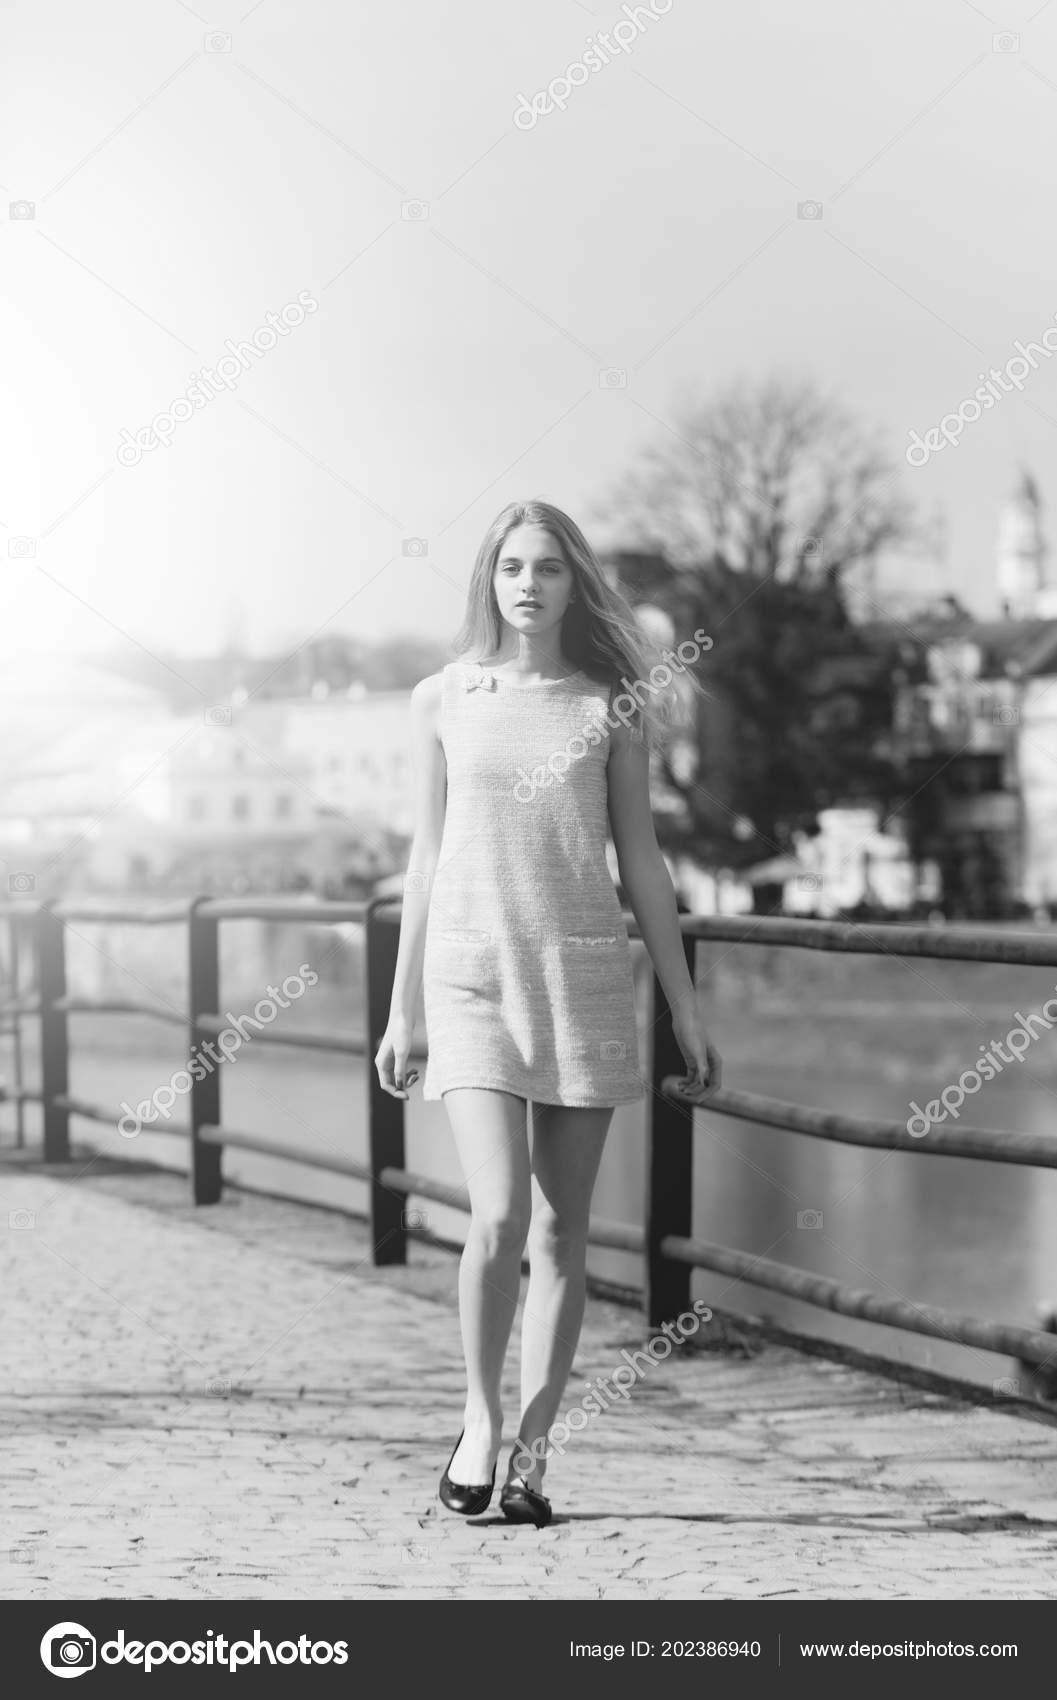 75e540a9f Look de verano. Linda chica de moda vestido gris caminando sobre pavimento  — Foto de